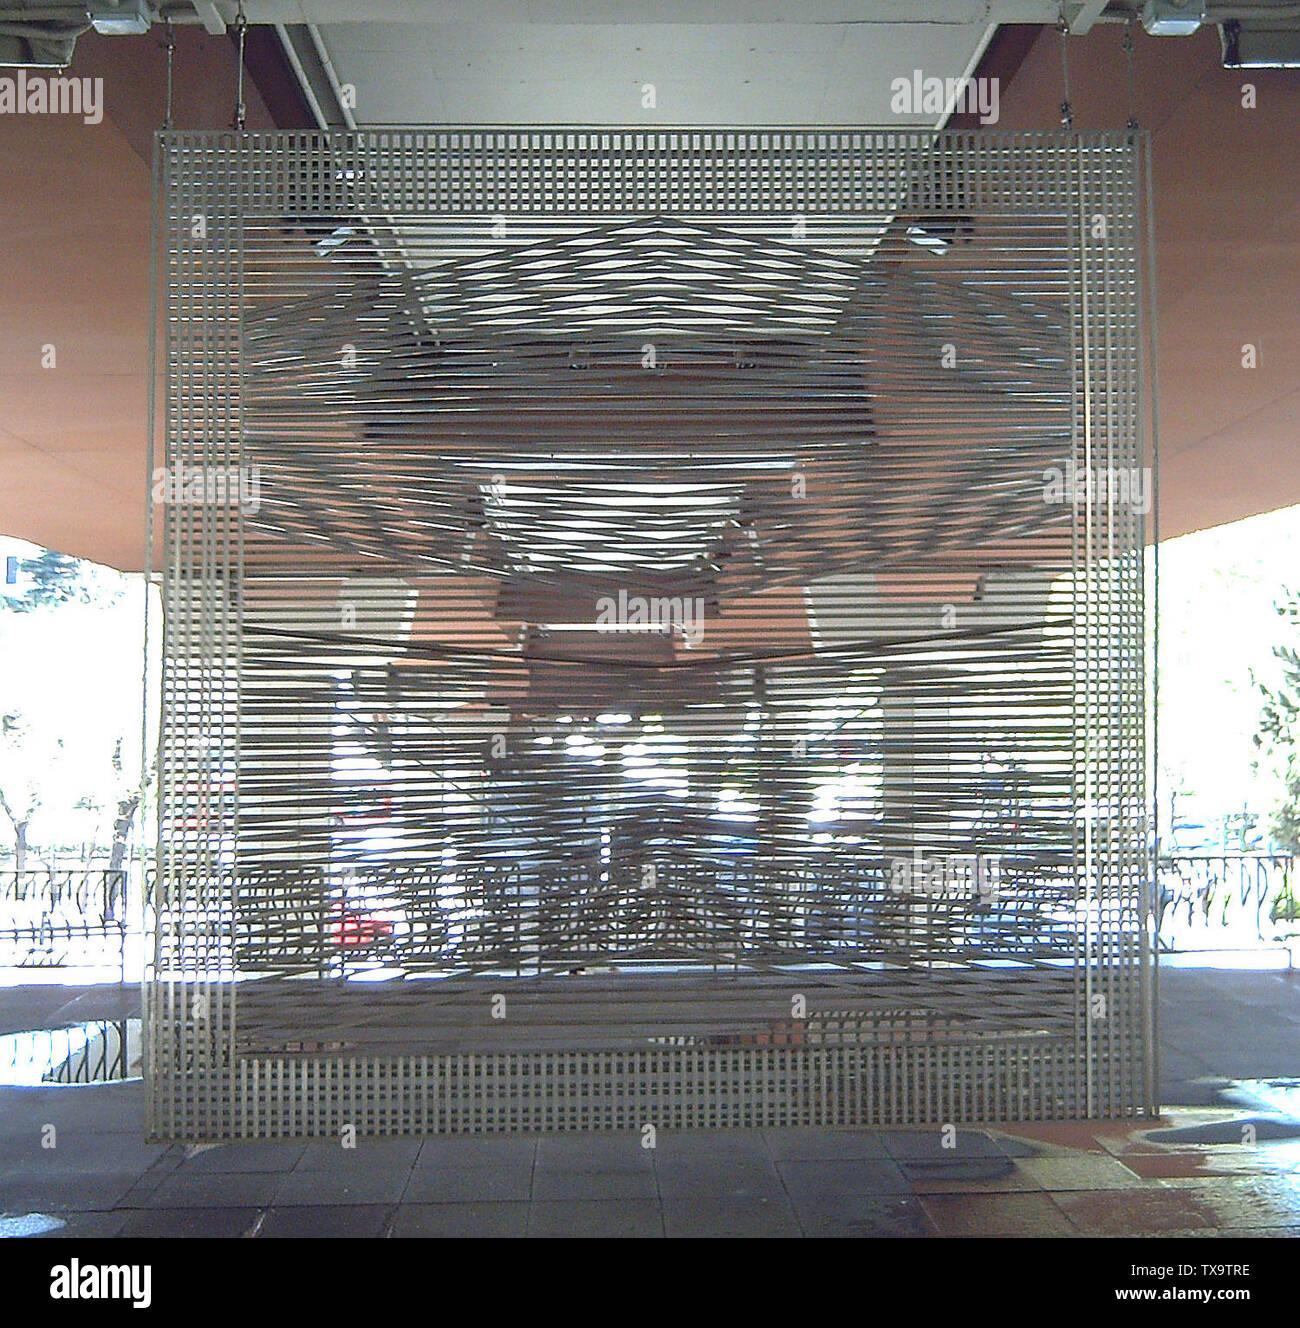 """""""Inglés: Móvil (Mobile, 1972). El efecto de Moiré móvil por Eusebio Sempere (1923-1985). 300 x 300 x 20 cm. Acero inoxidable. Es en la Open-Air Museo de Escultura en el Paseo de la Castellana 41 (avenida) en Madrid (España). Español: Móvil (1972). Móvil de efecto muaré de Eusebio Sempere (1923-1985). 300 x 300 x 20 cm. Acero inoxidable. Está en el Museo de Escultura al Aire Libre del nº 41 del Paseo de la Castellana de Madrid (España), 15 de abril de 2006; el propio trabajo; Luis García (Zaqarbal); ' Imagen De Stock"""